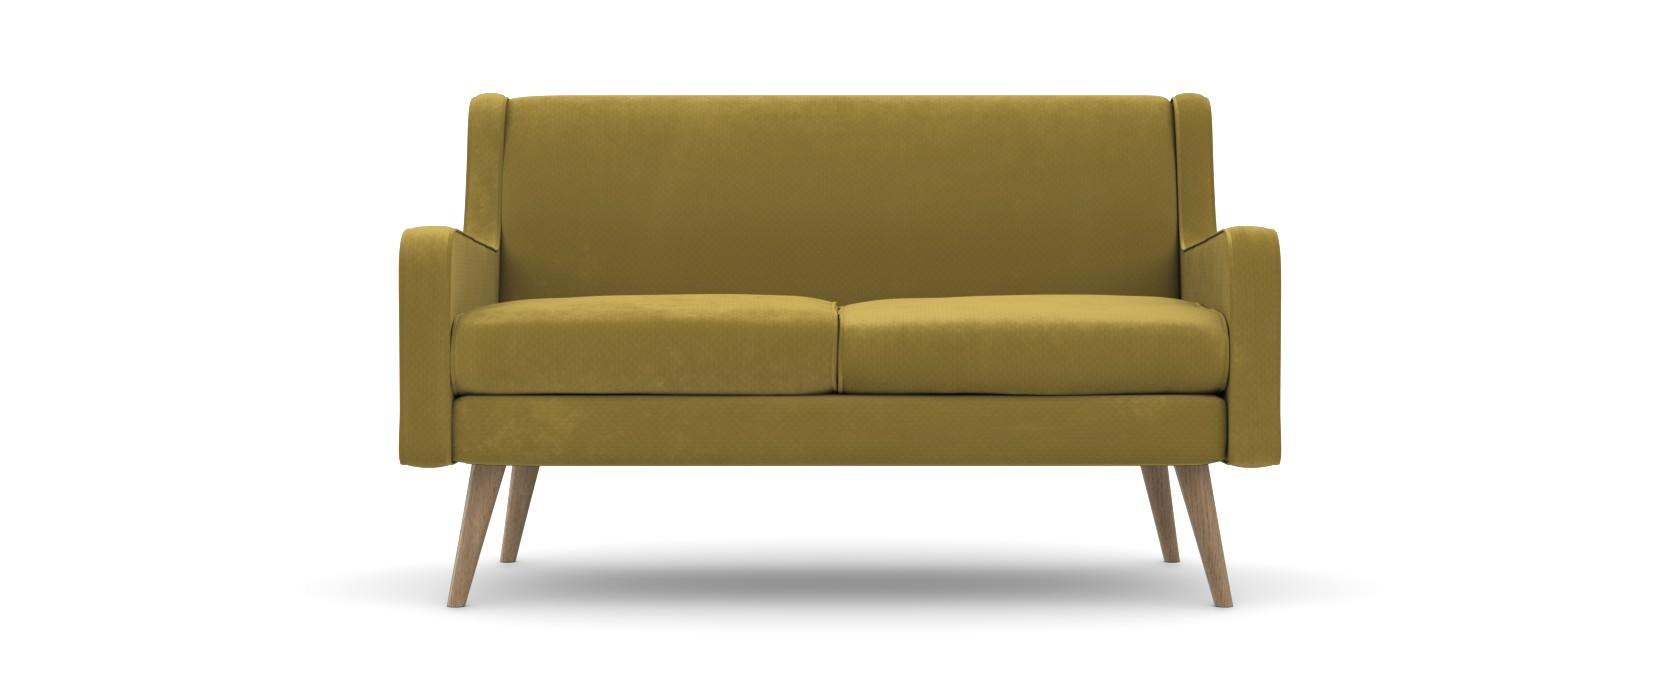 Двухместный диван Perla - Pufetto